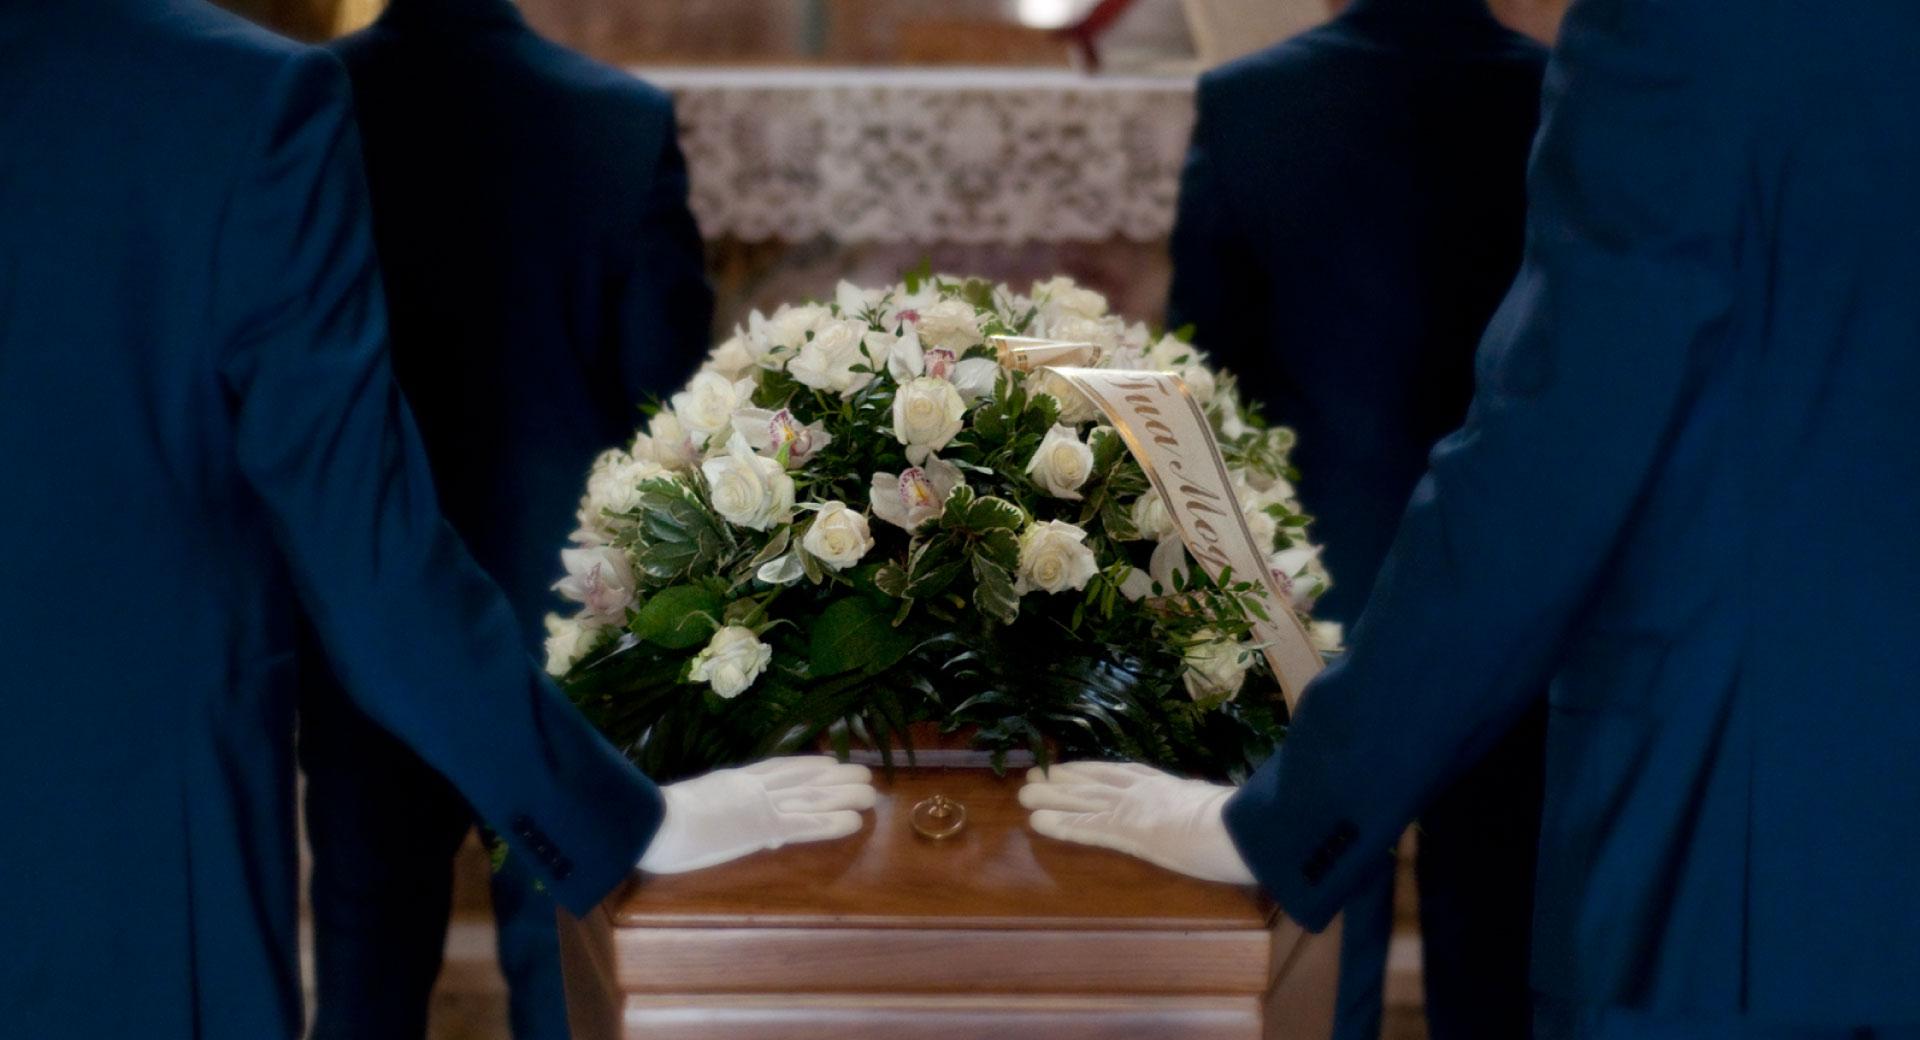 Agenzia Funebre Gatti - Onoranze funebri crema e cremasco